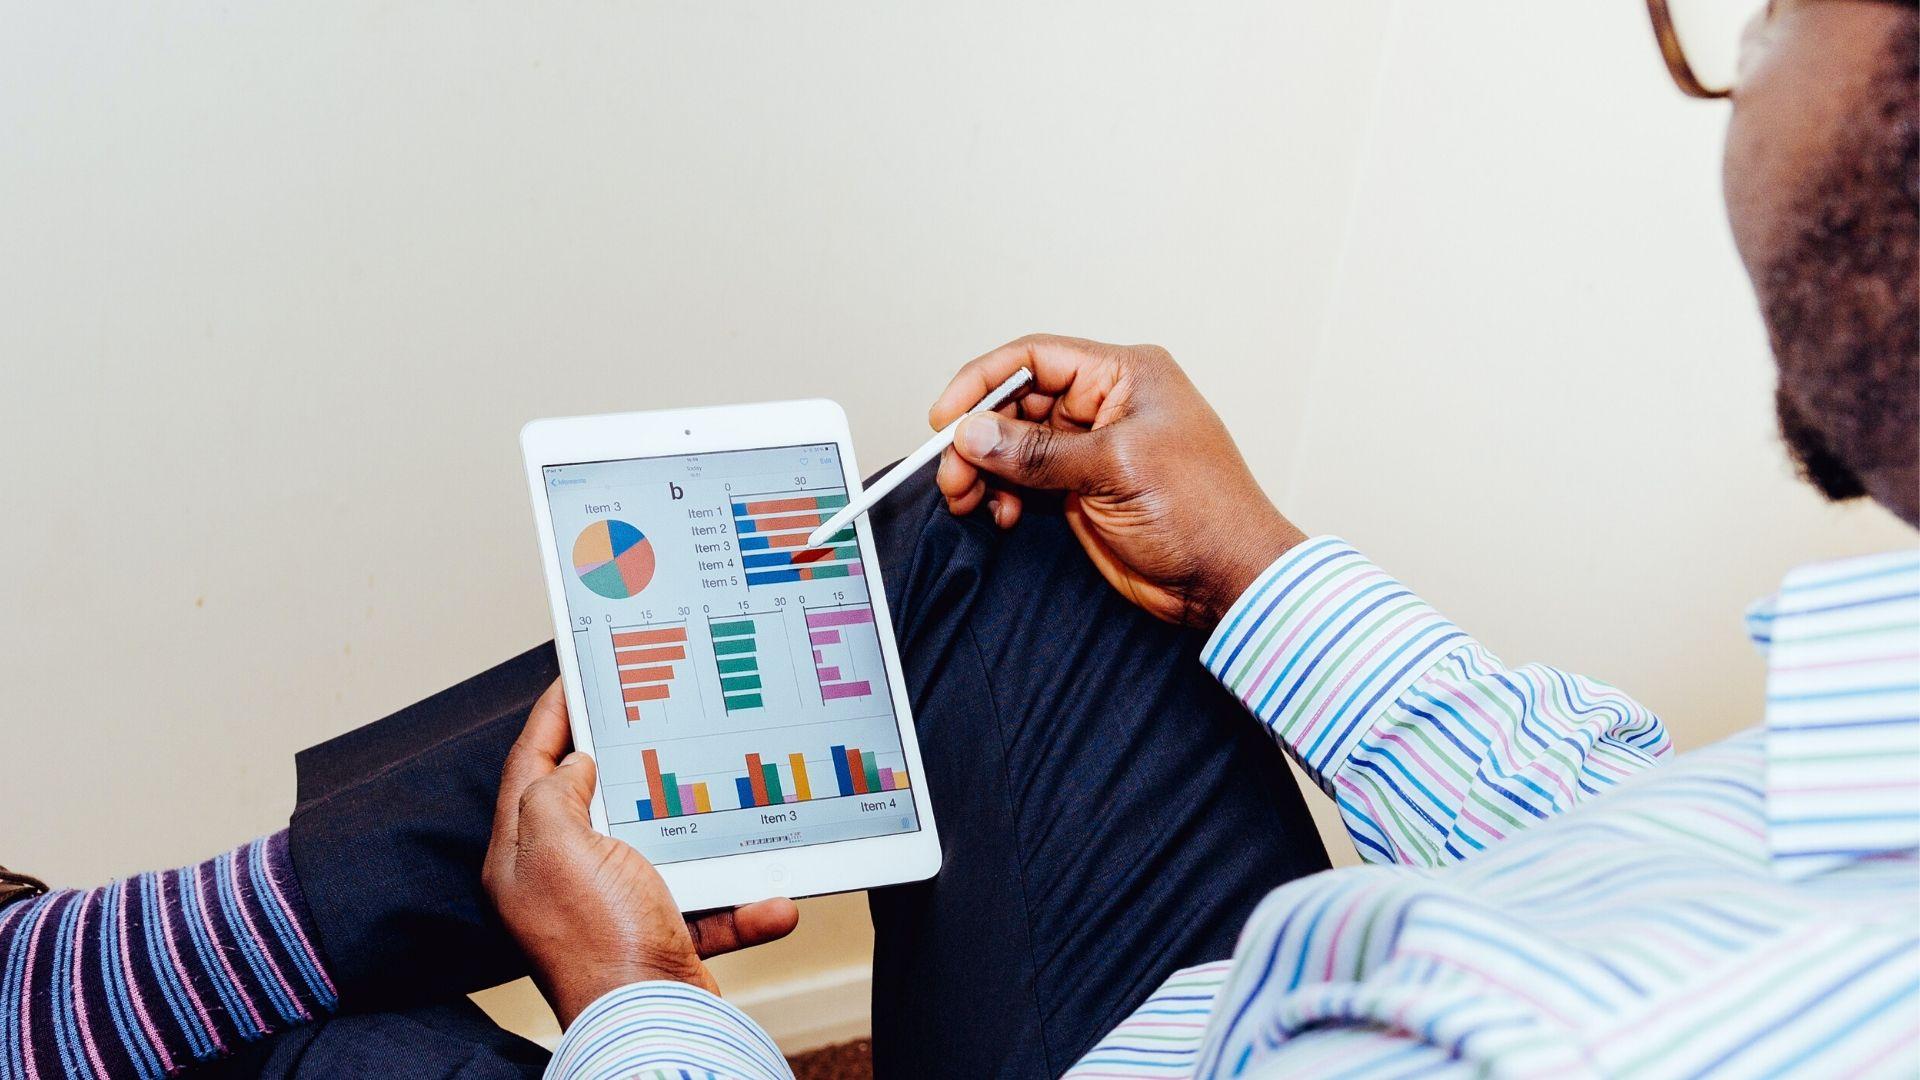 Un homme montre des graphiques sur un ipad.